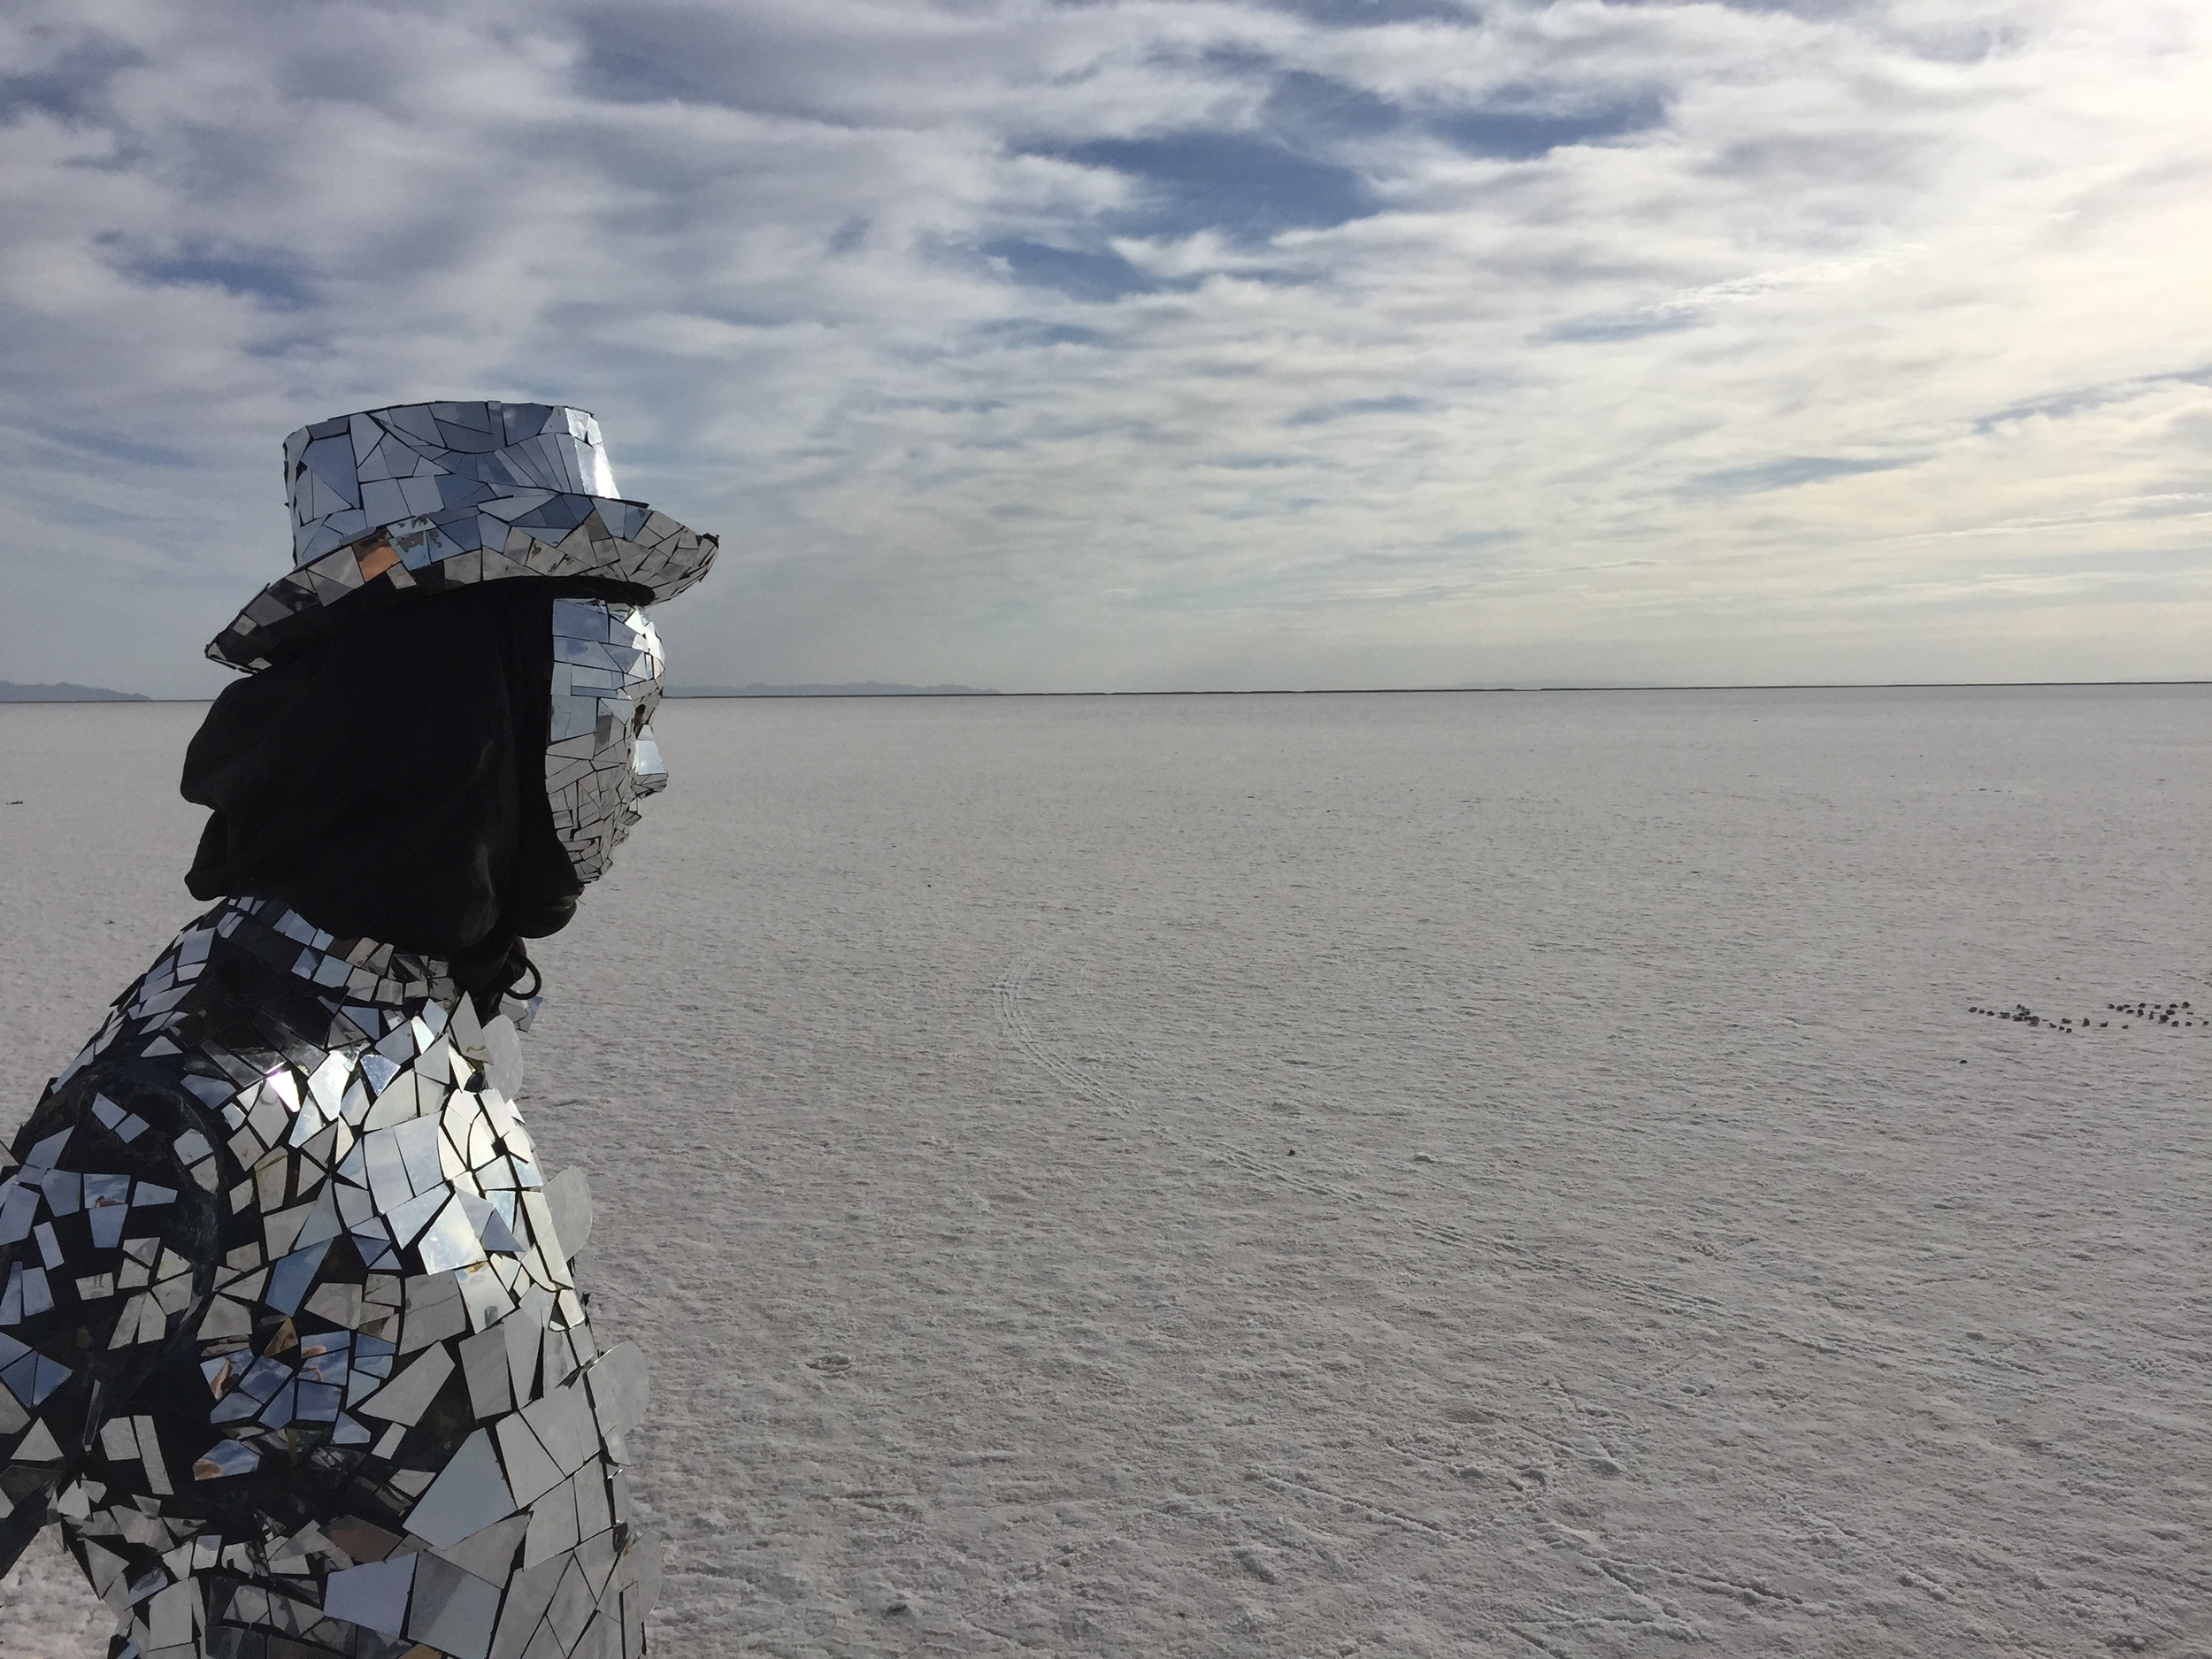 Mirrorman at the Utah Salt Flats - 'Worlds Fastest Mirrorman'.